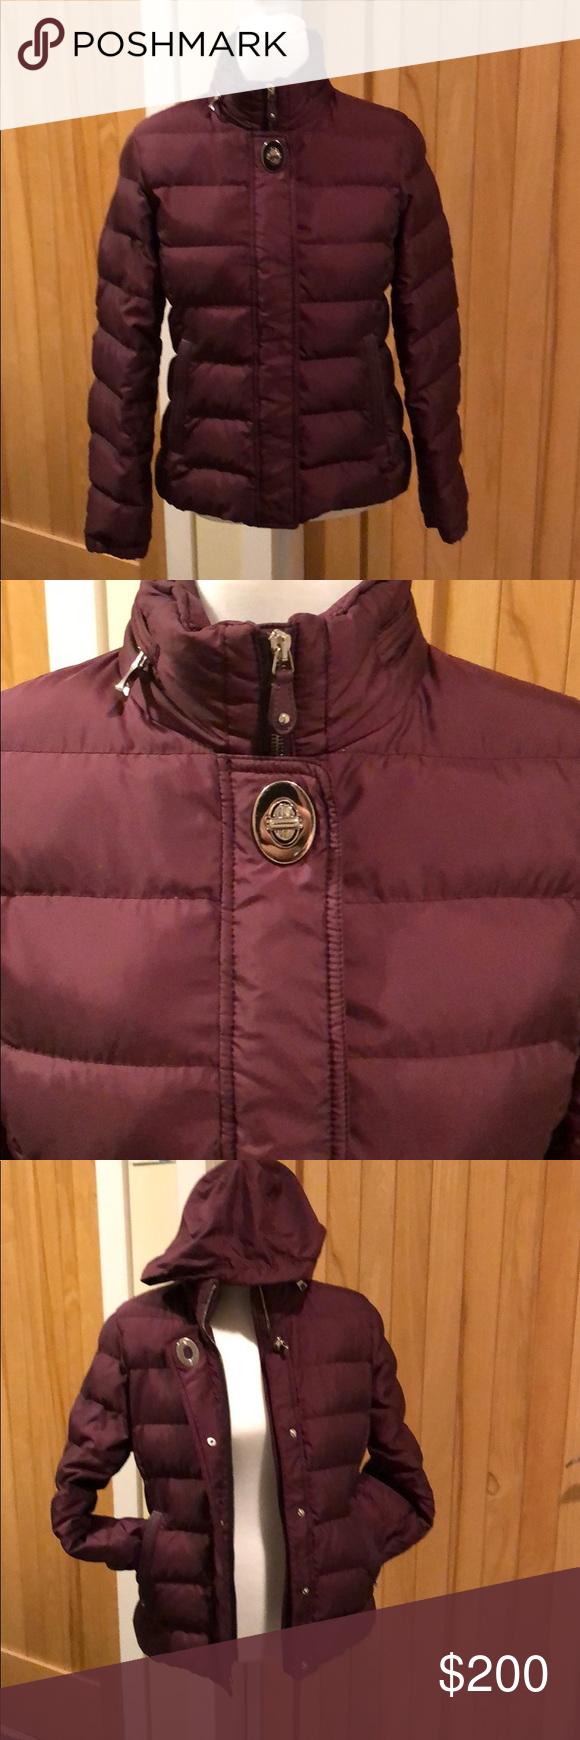 Coach Women's Ruby Down Jacket w/ leather trim Down